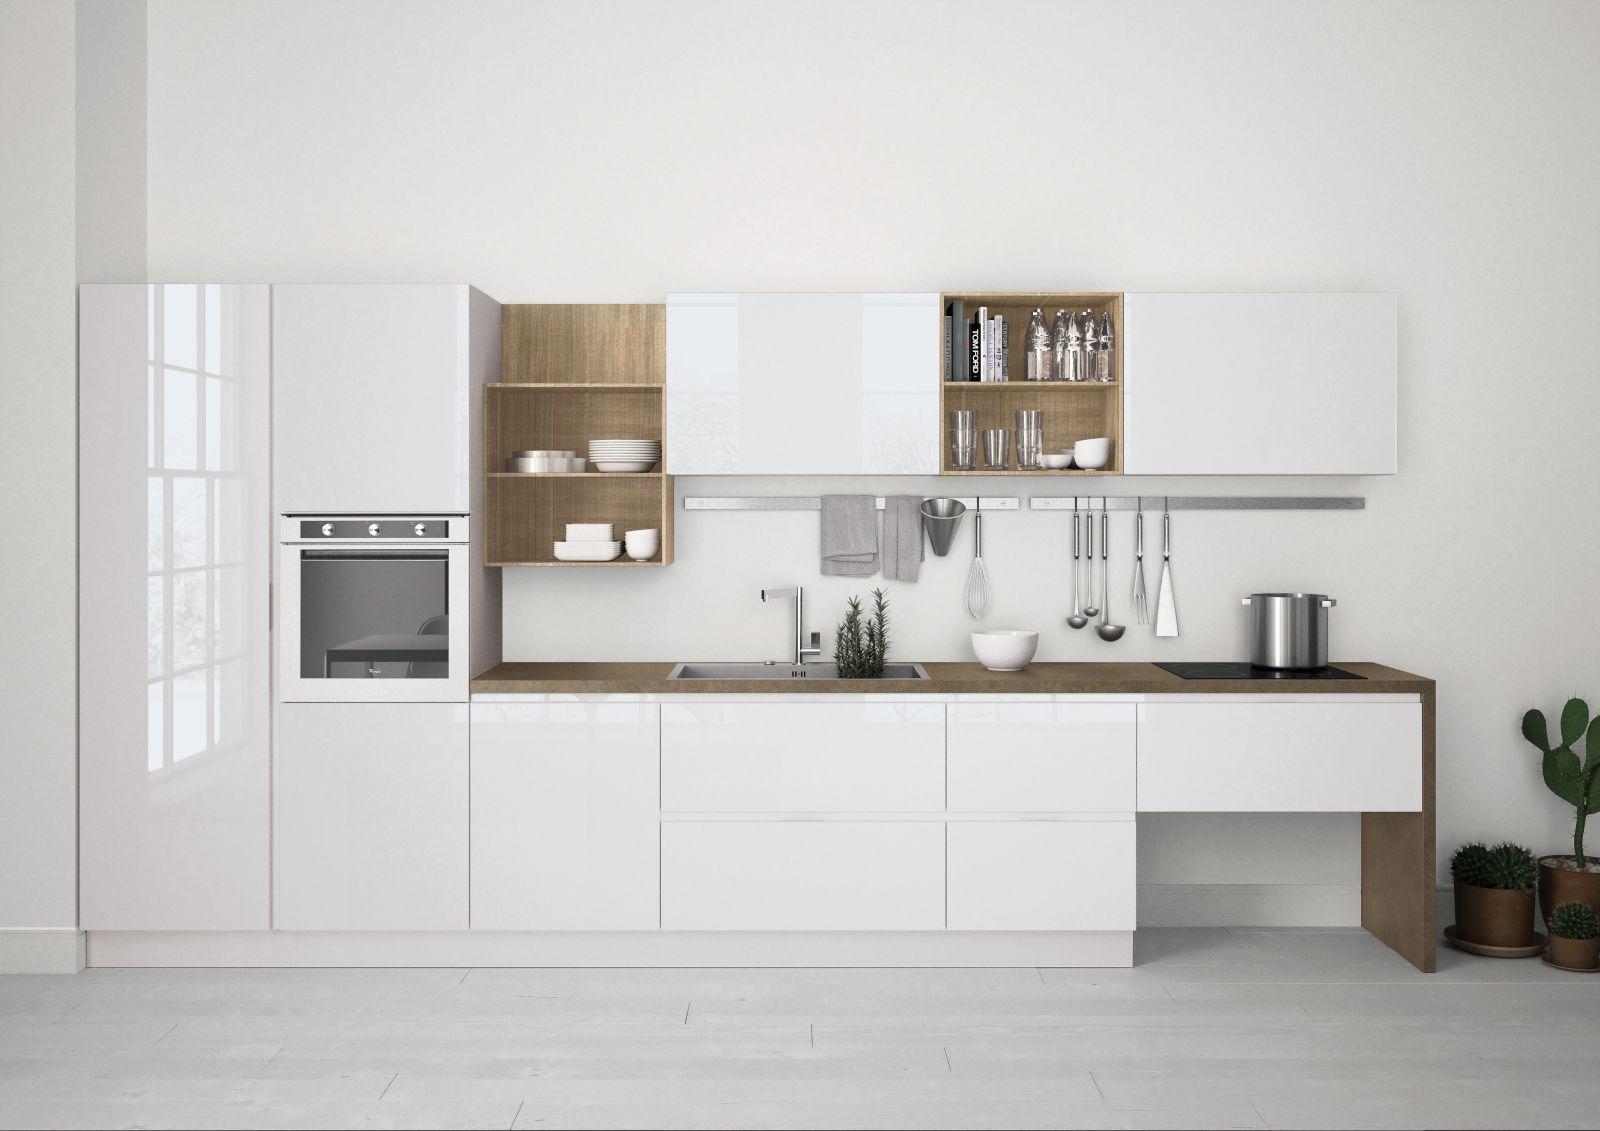 hochglanz k chenzeile hochglanzk chen pinterest k chenzeilen hochglanz und k che. Black Bedroom Furniture Sets. Home Design Ideas